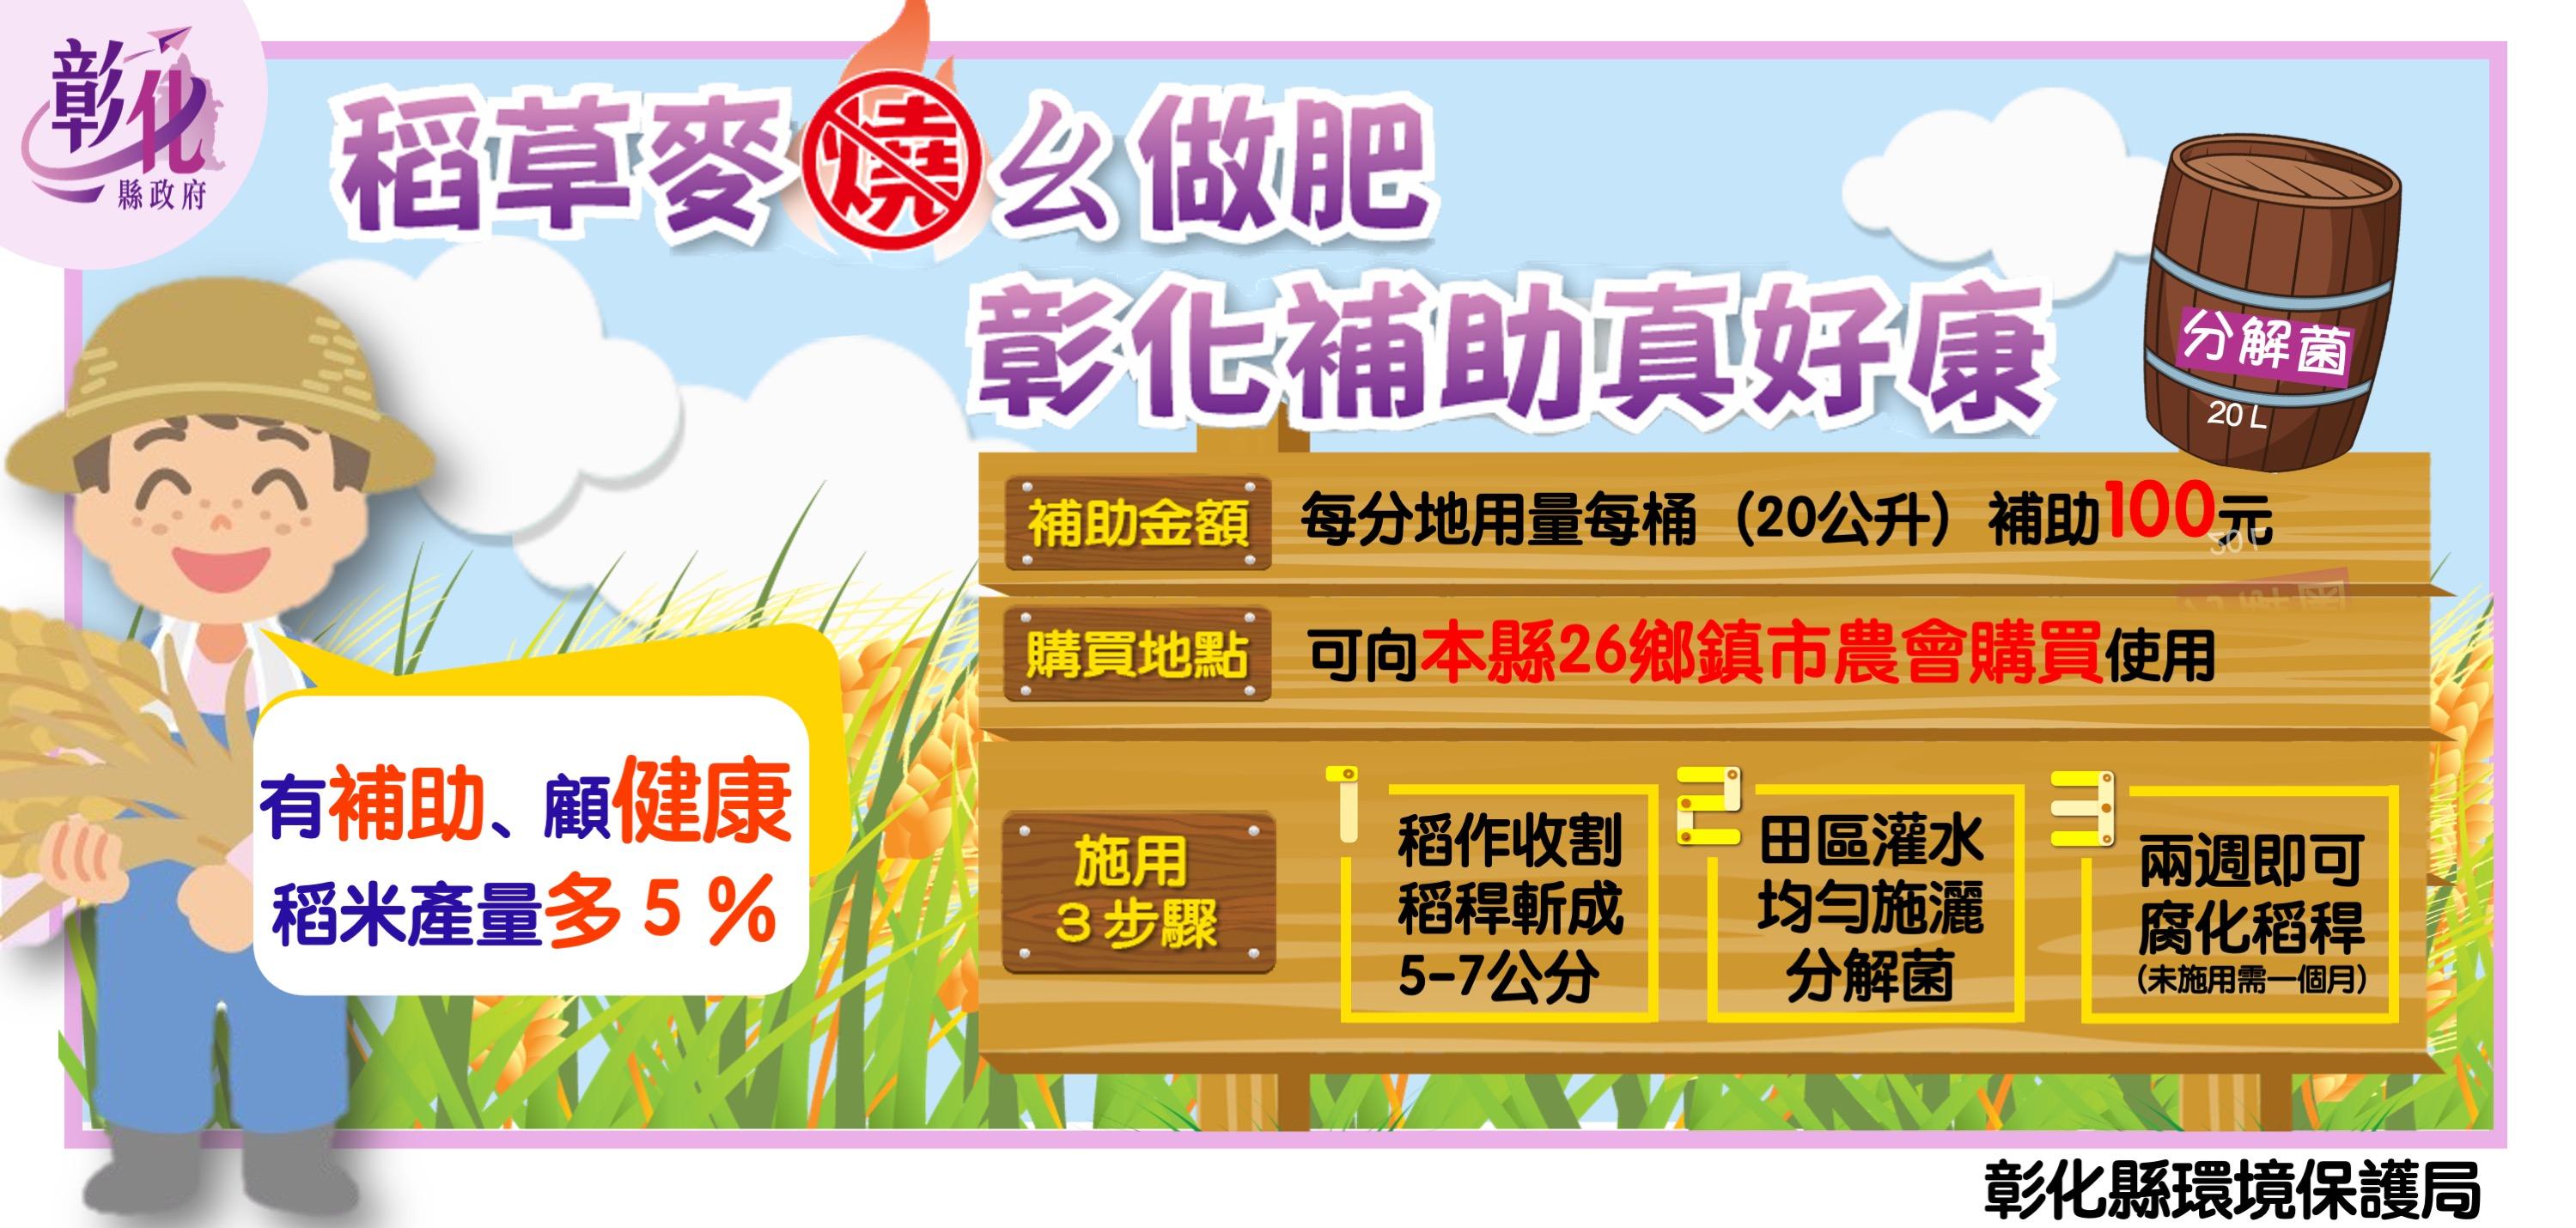 稻草腐化菌有補助,環保局呼籲農民別再燒稻草